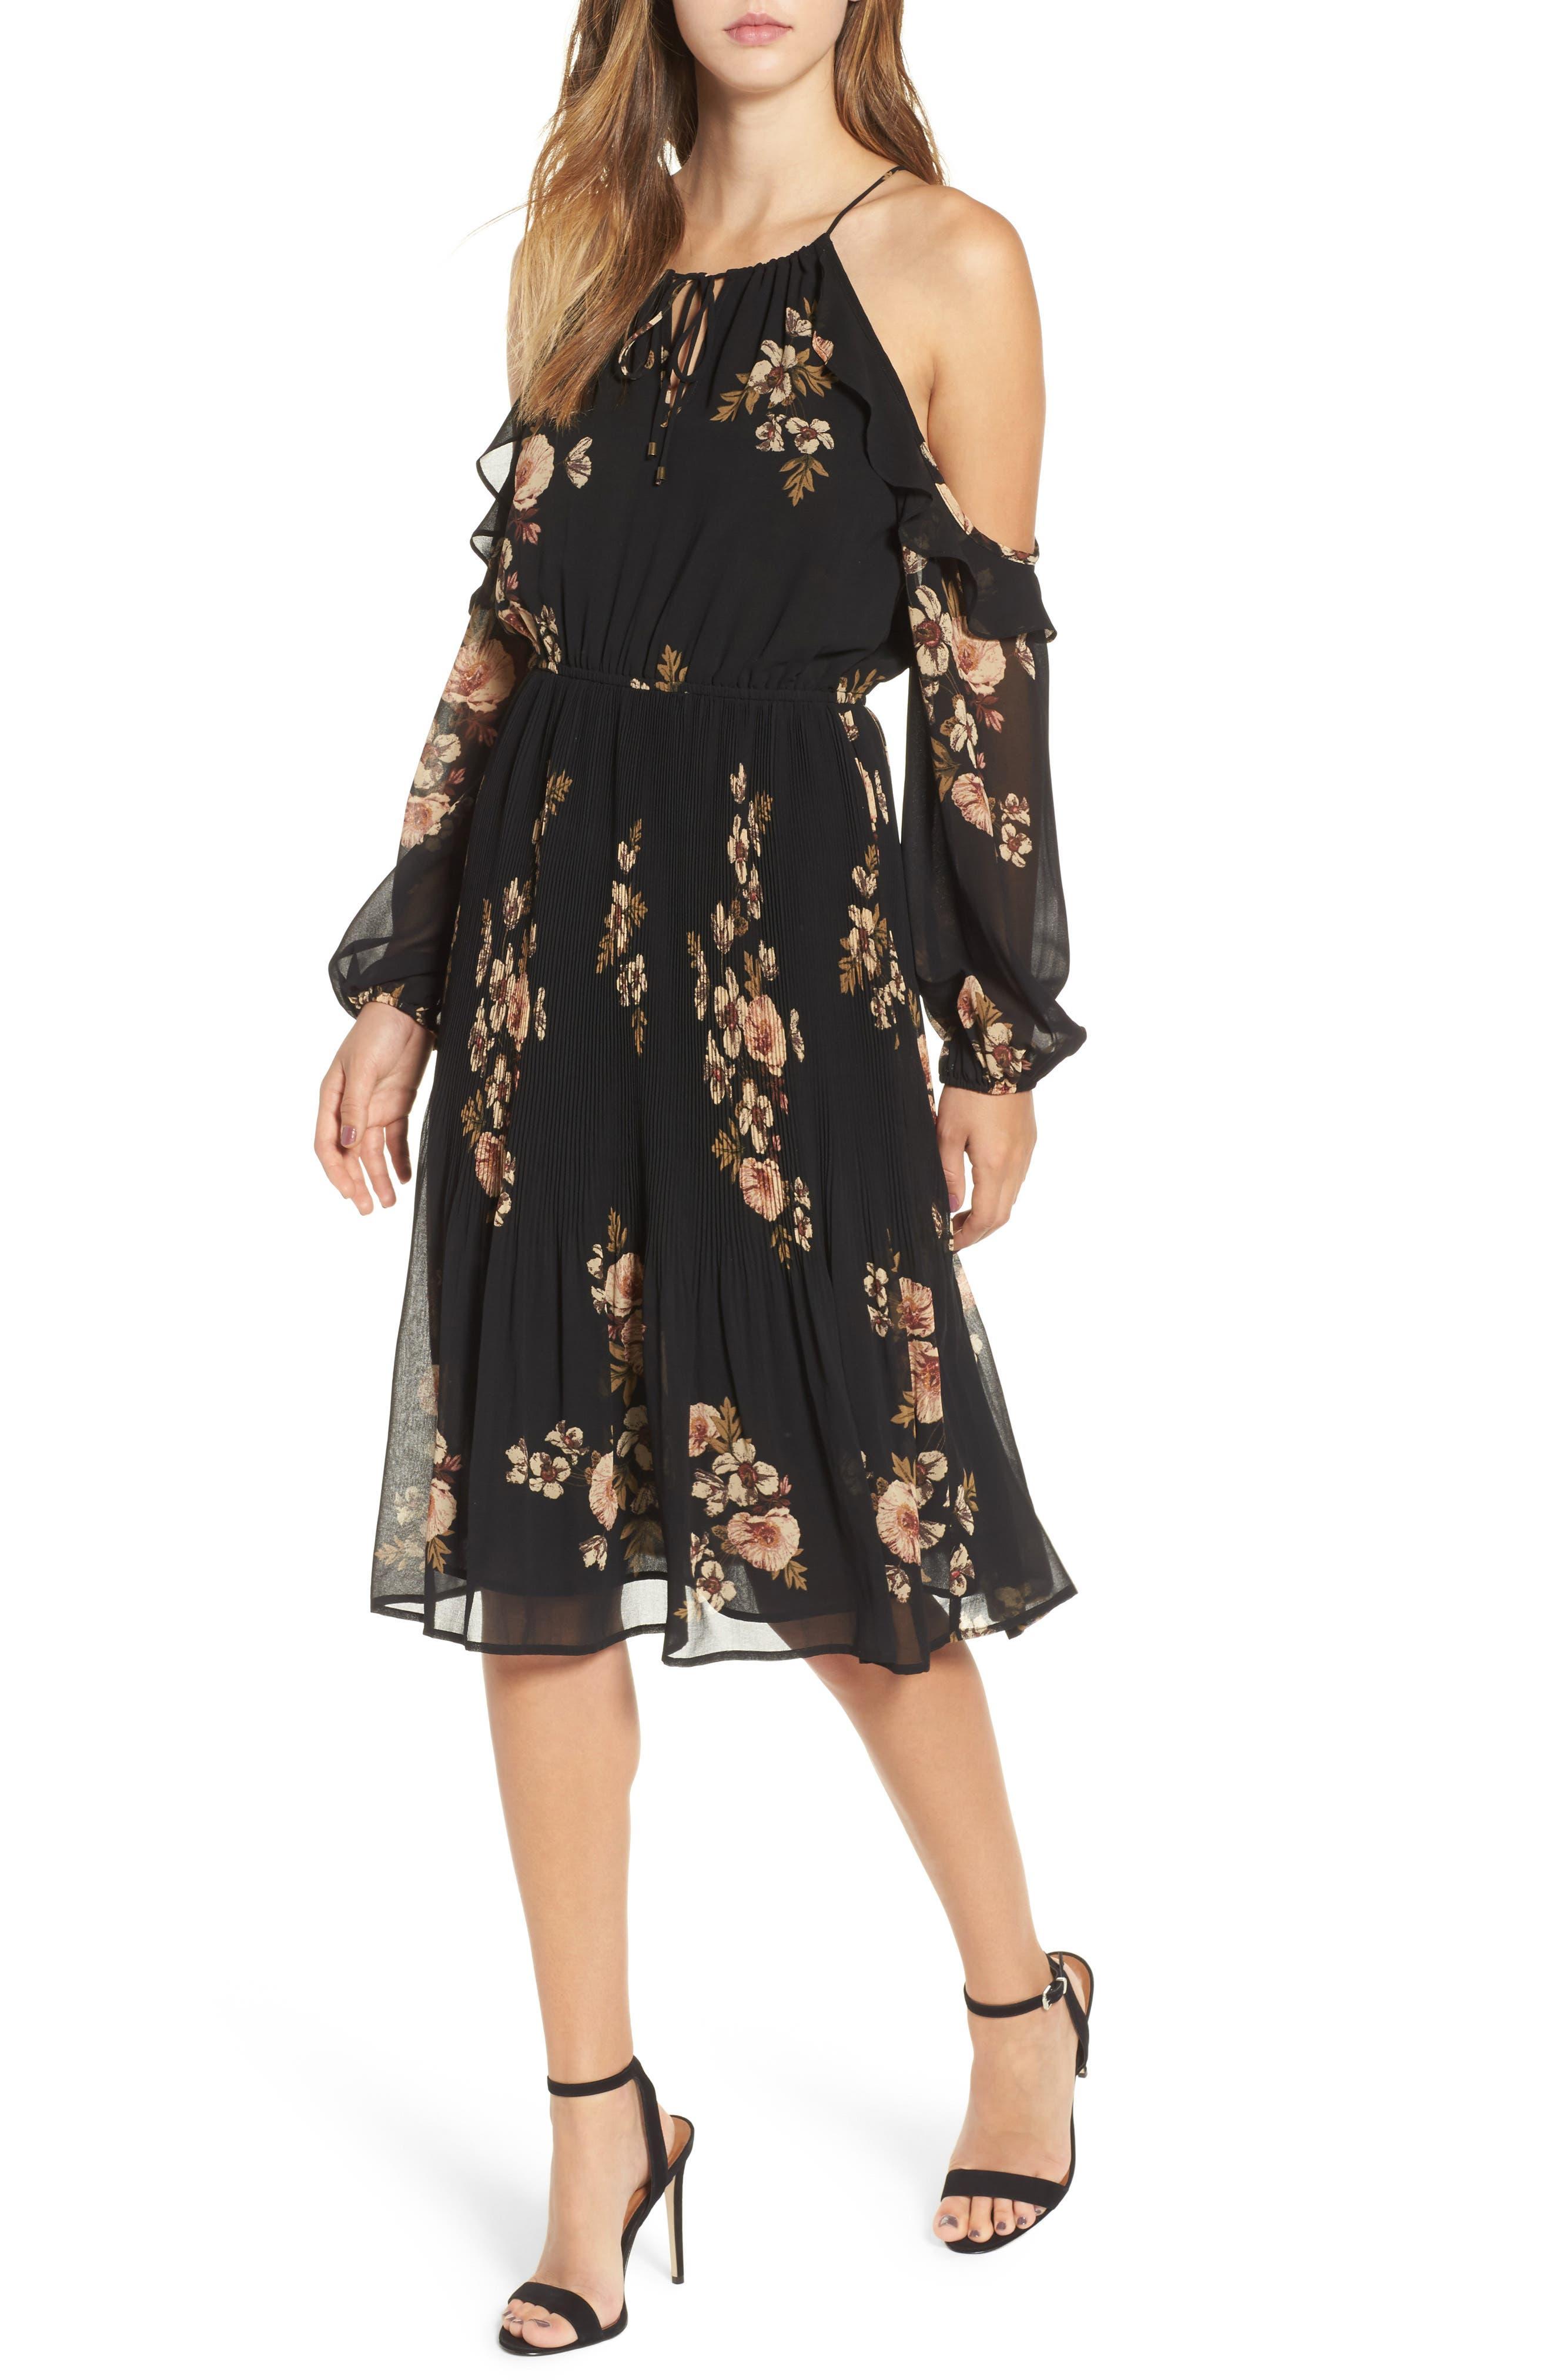 Persephone Cold Shoulder Dress,                         Main,                         color, Black-Pink Floral